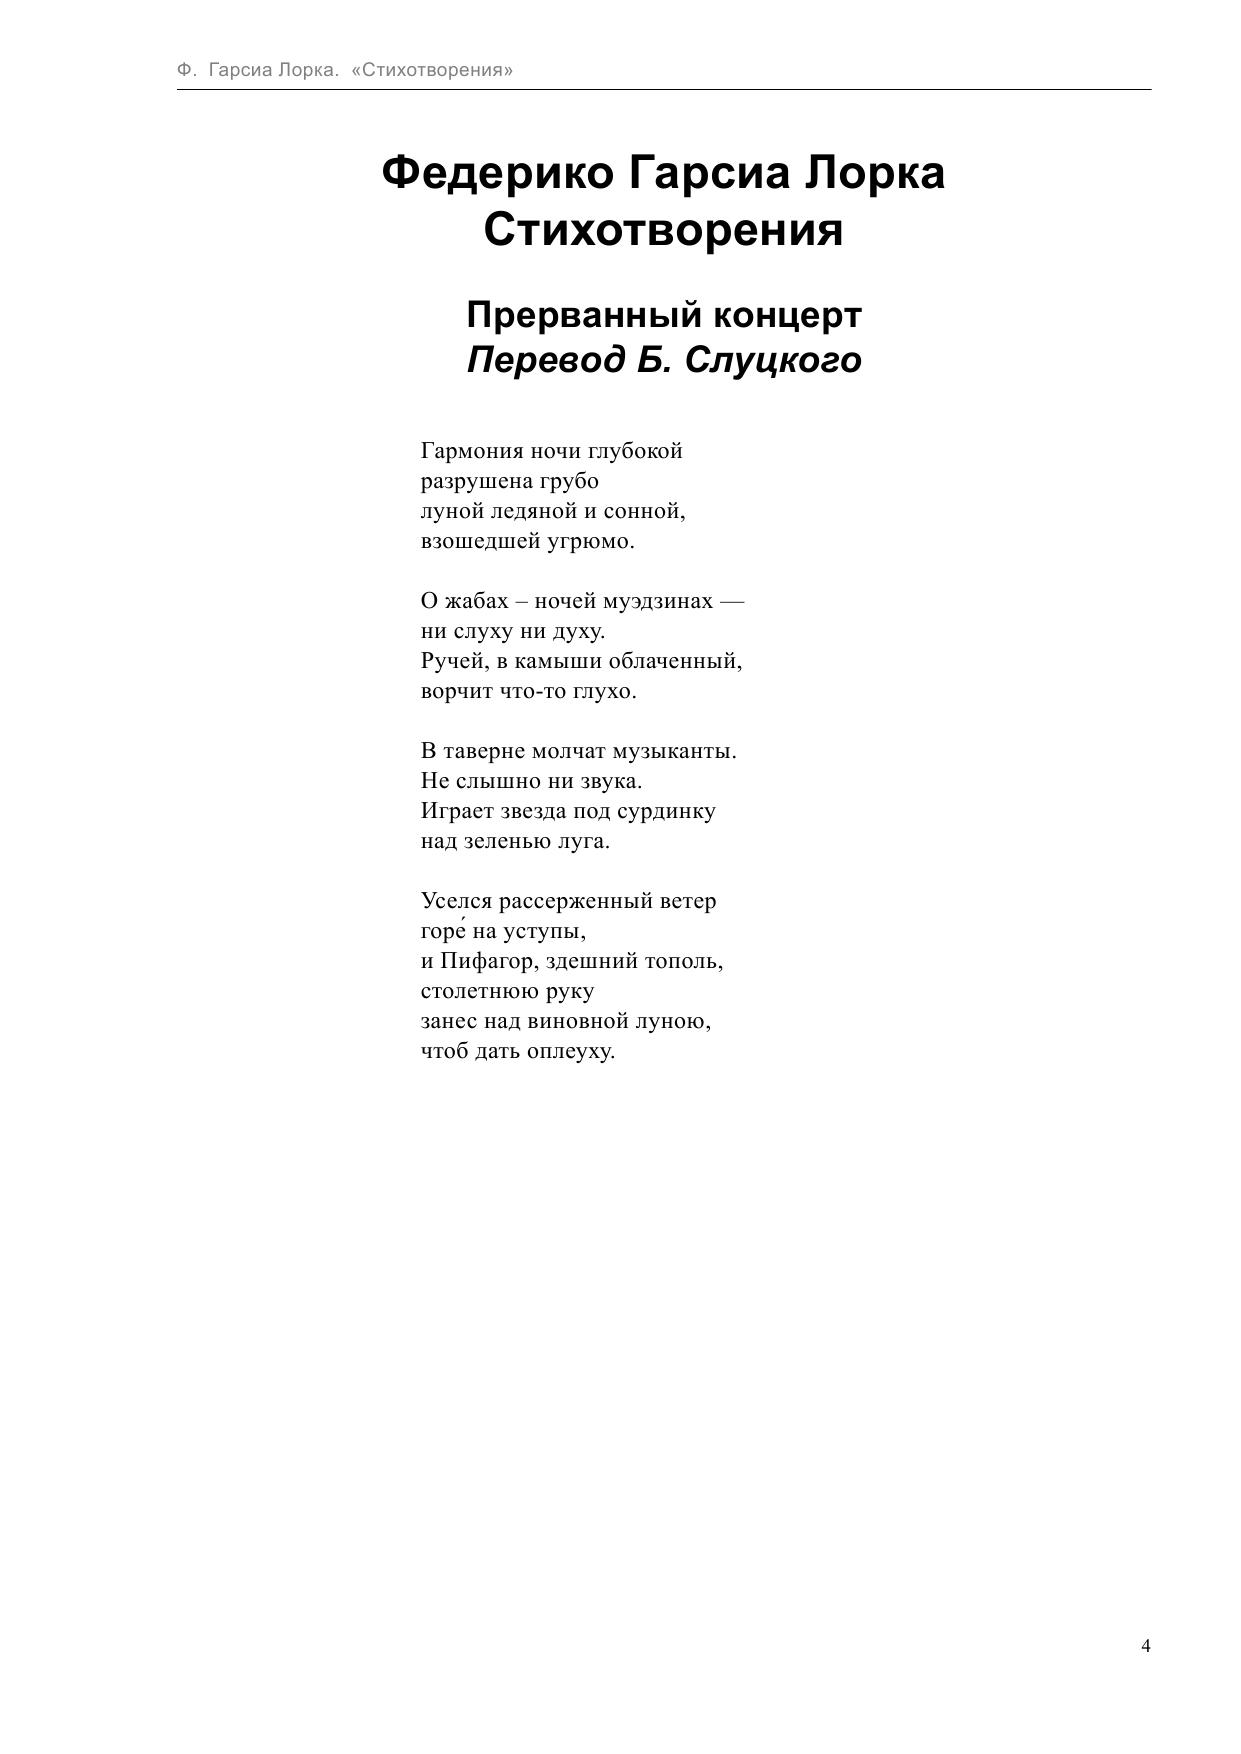 Тект стихов гарсиа лорка на испанском